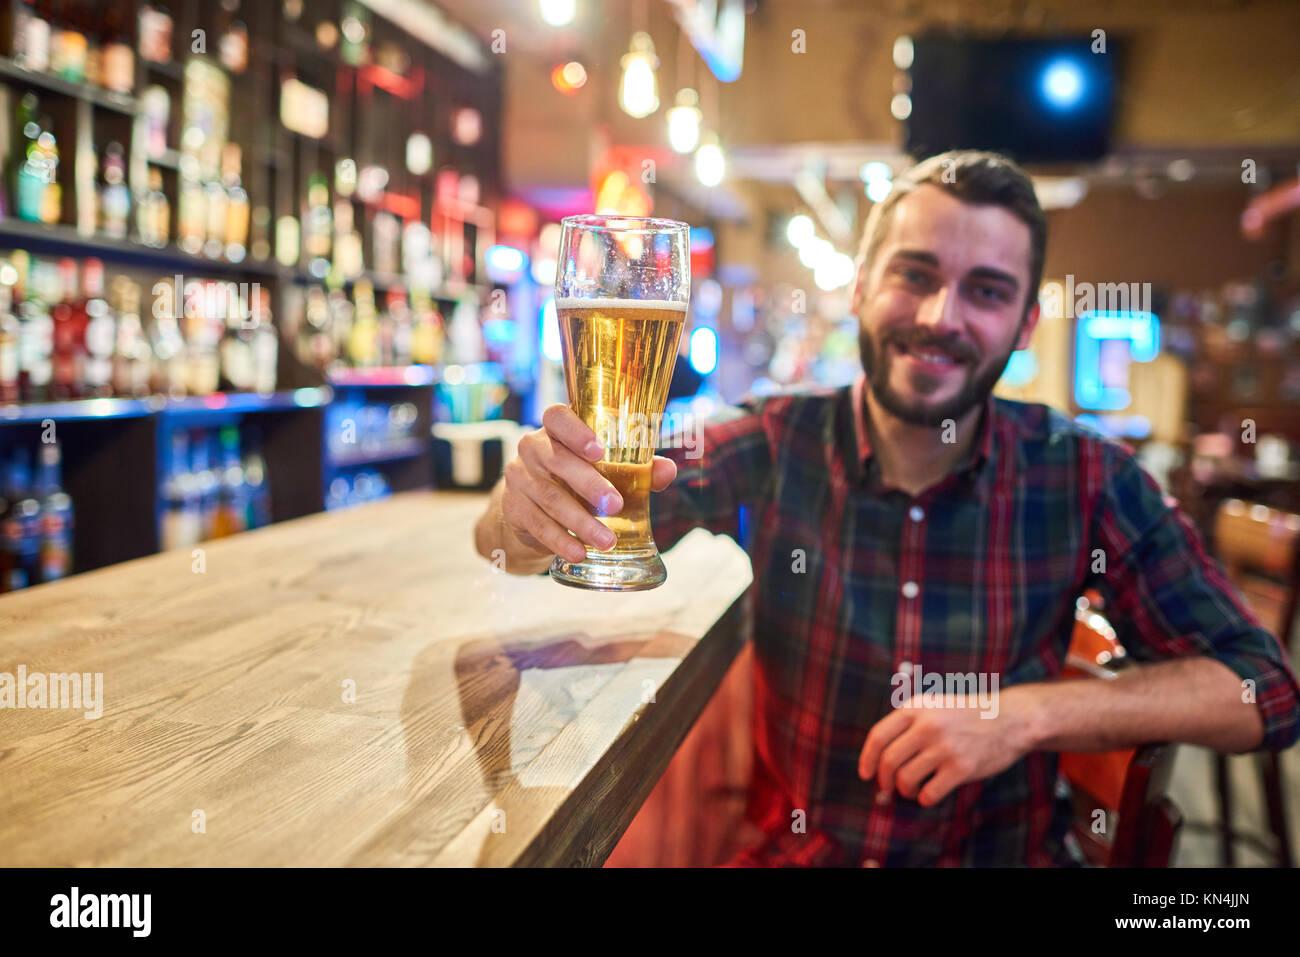 Happy Young Man Cheering at Bar Counter - Stock Image